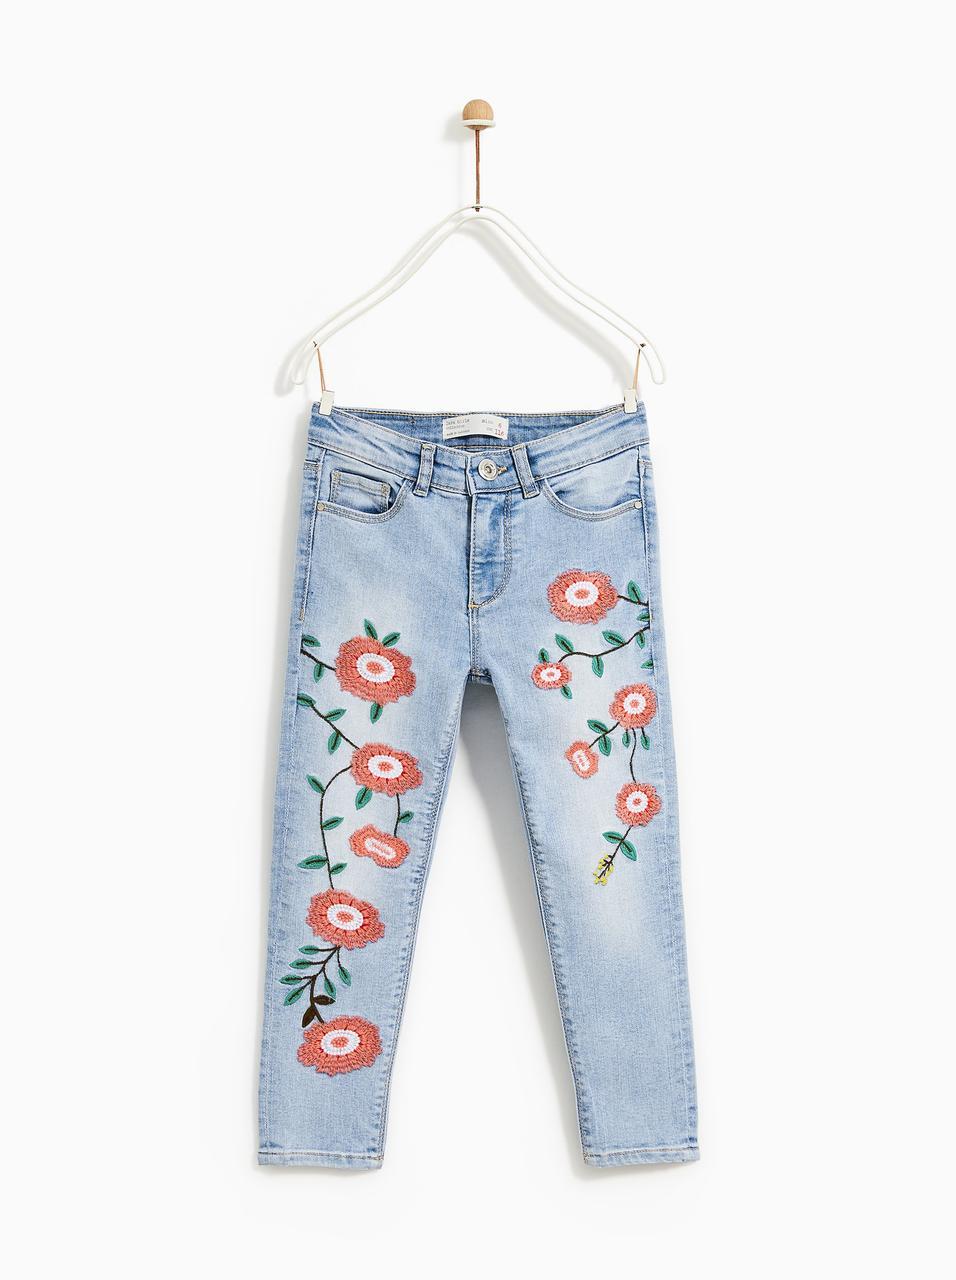 Джинсы детские Zara размер 13-14 на 164 см скини для девочек